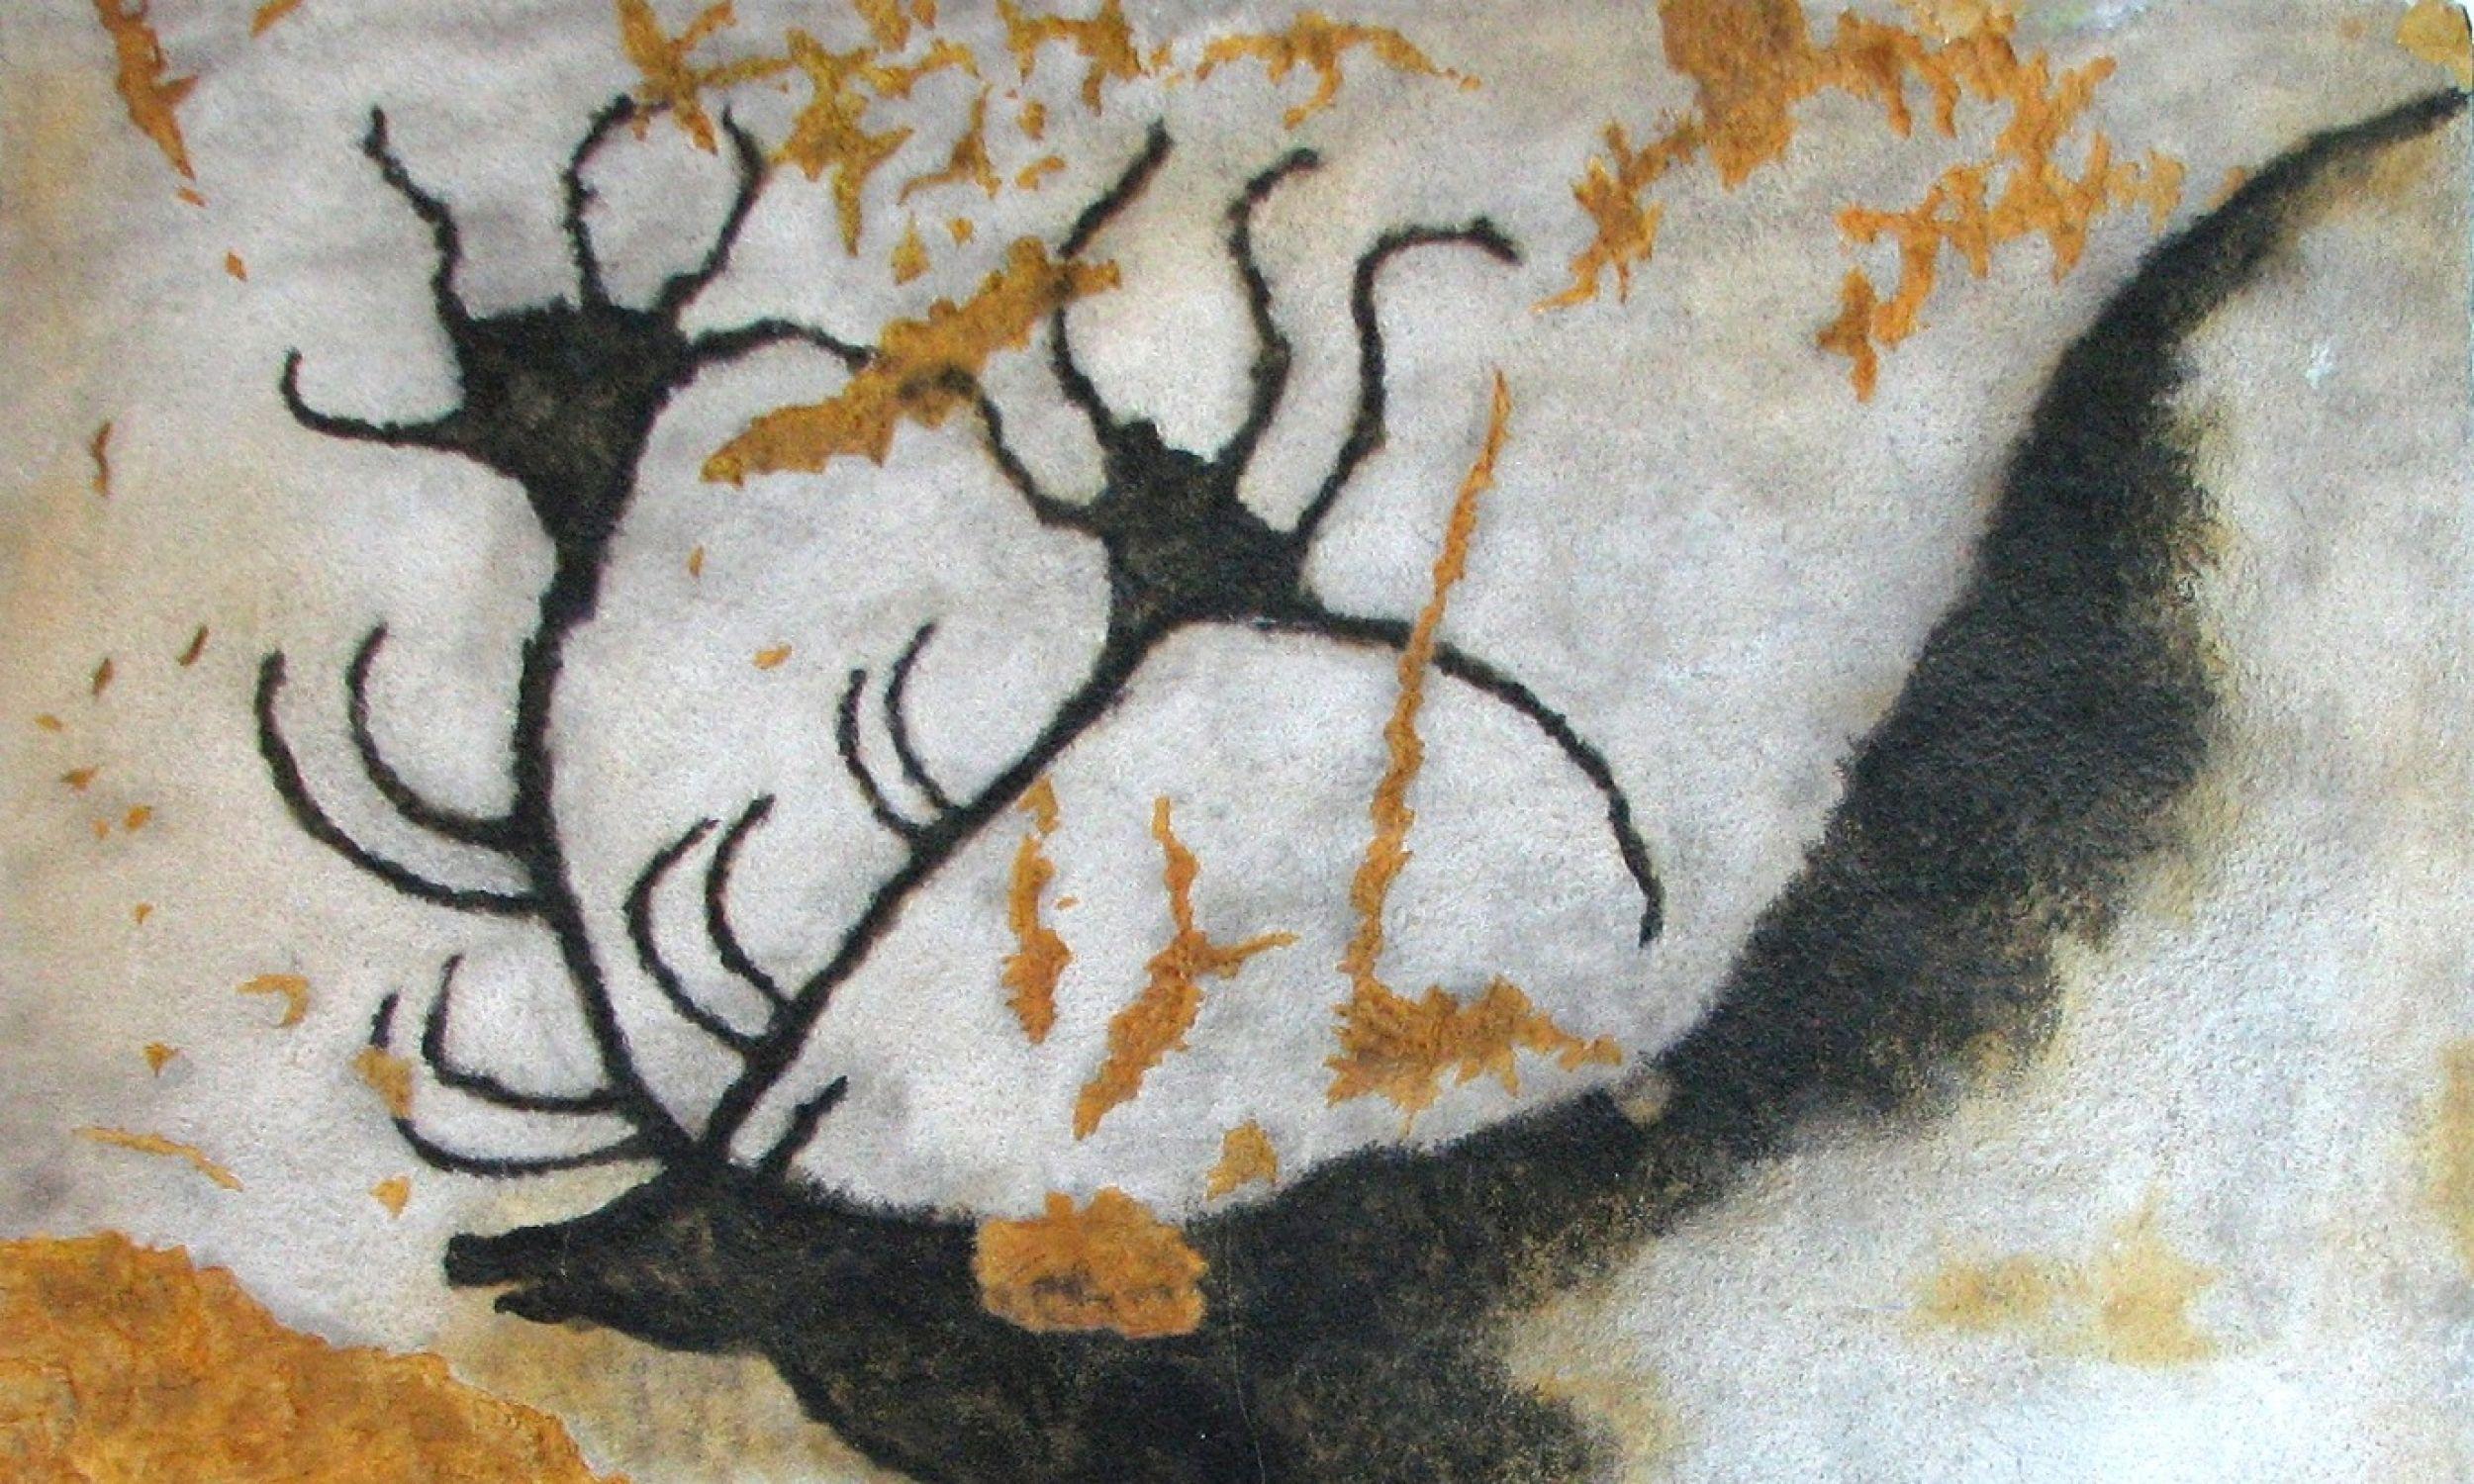 Malowidła ścienne z jaskini w Lascaux, około 15 000 przed naszą erą. Fot. HTO - Self-photographed, Public Domain, https://commons.wikimedia.org/w/index.php?curid=6909701